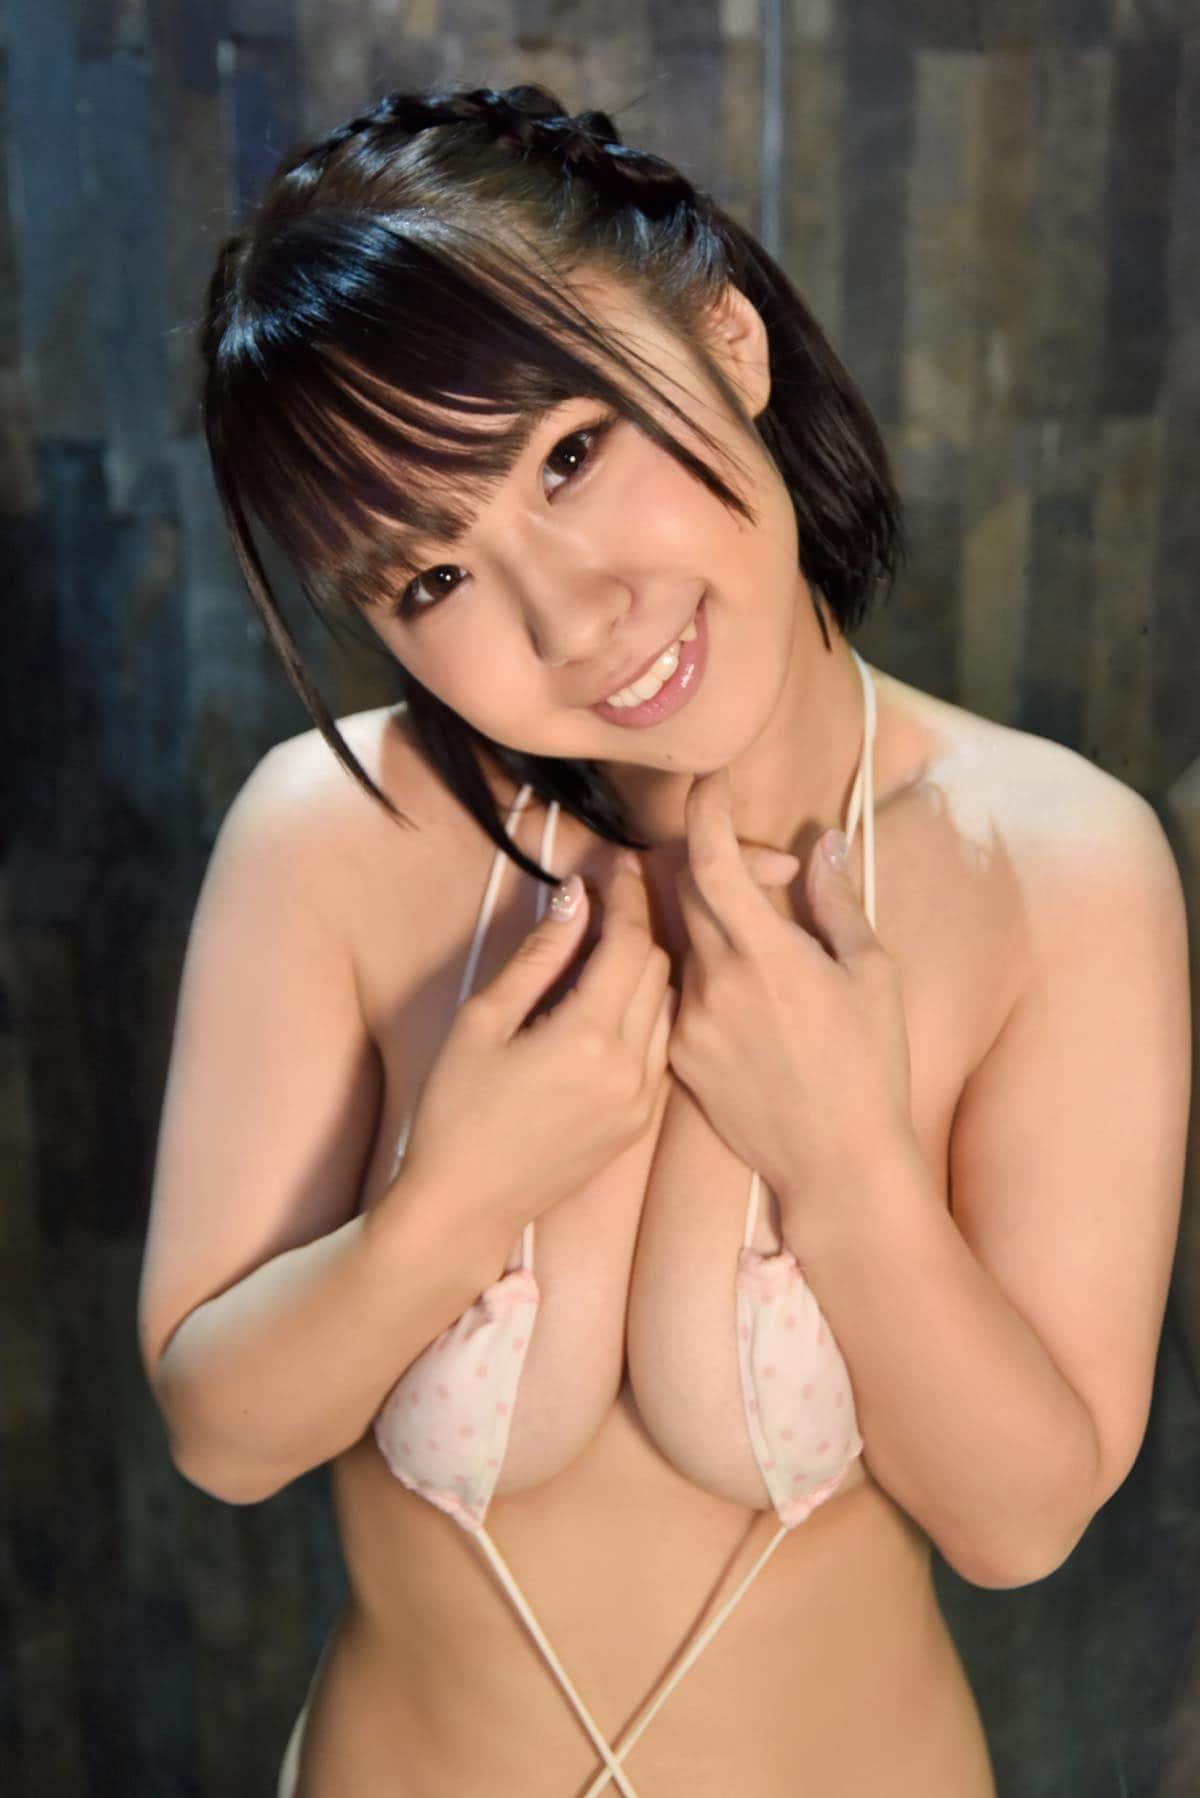 立川愛梨「小悪魔童顔むっちりボディ」90cmHカップがフレッシュに弾ける!【写真9枚】の画像008